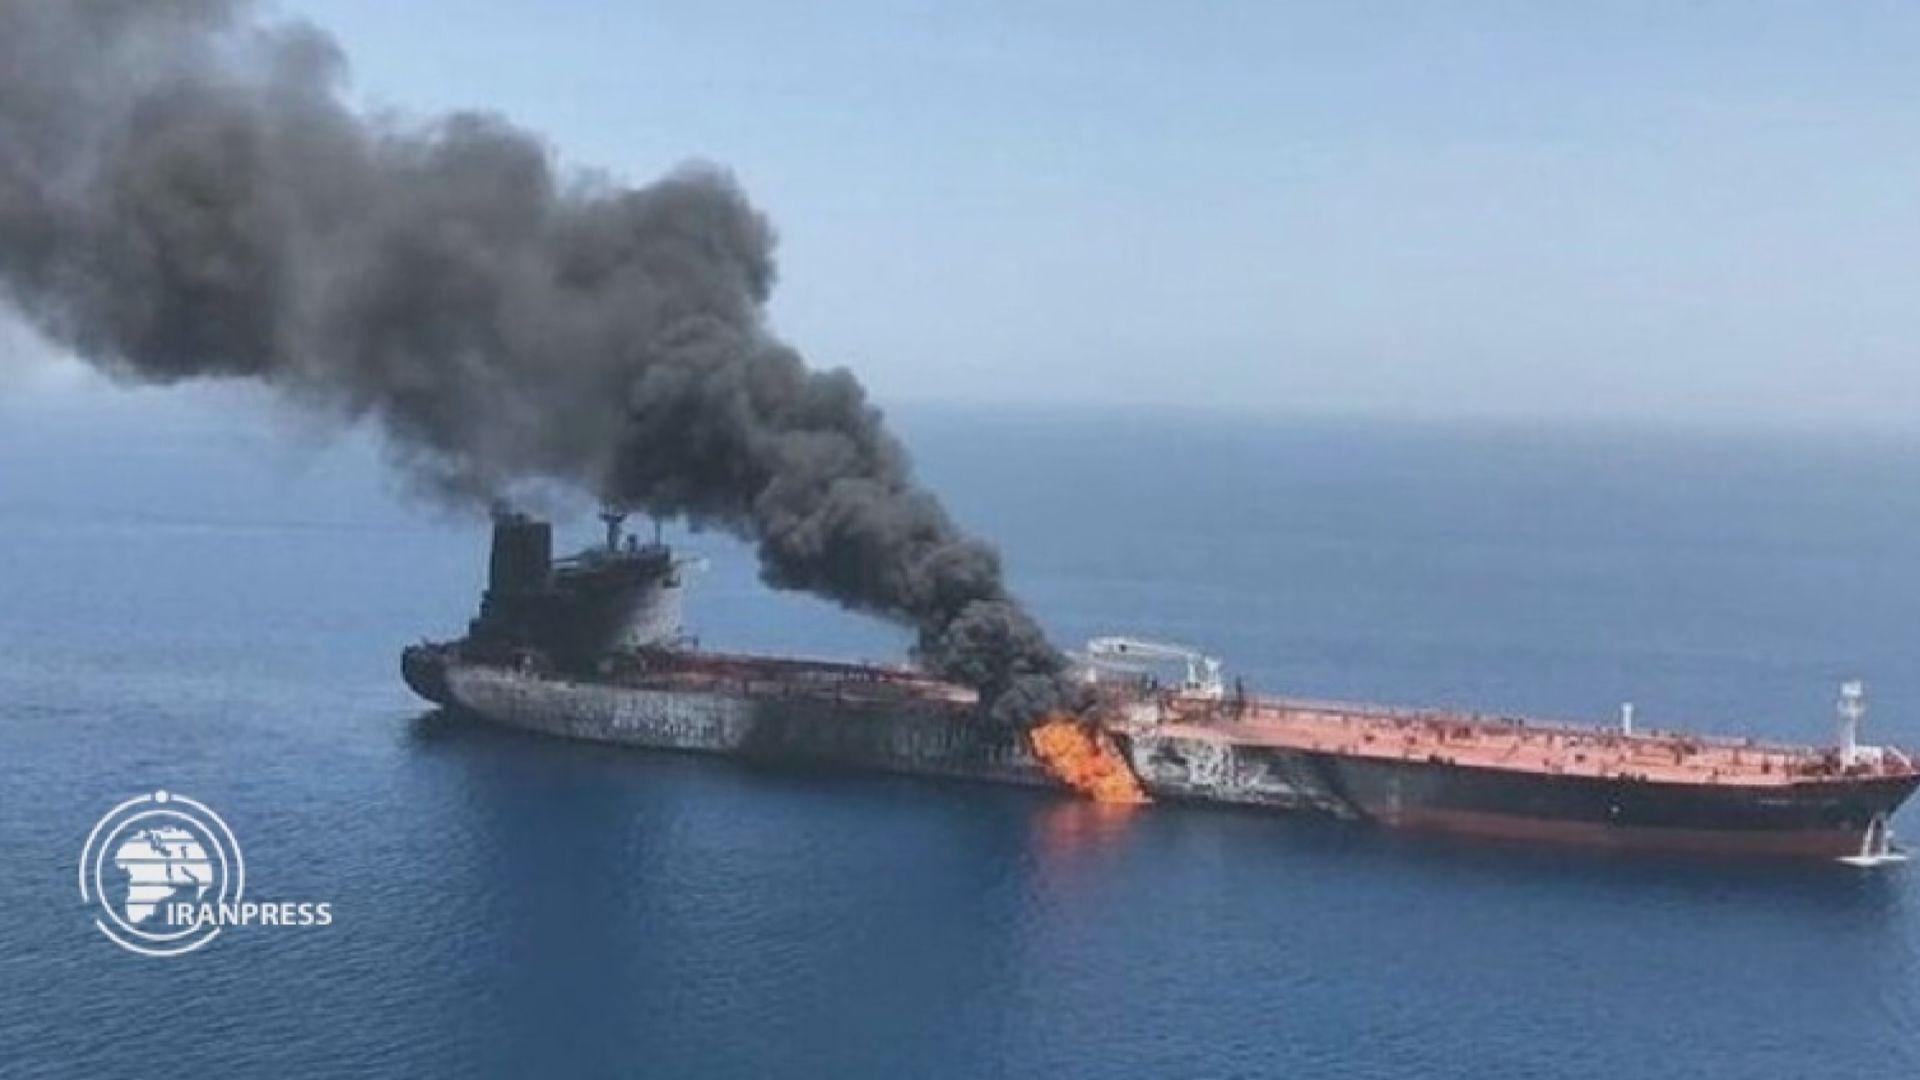 伊朗油輪在沙特對開海域疑遭導彈襲擊